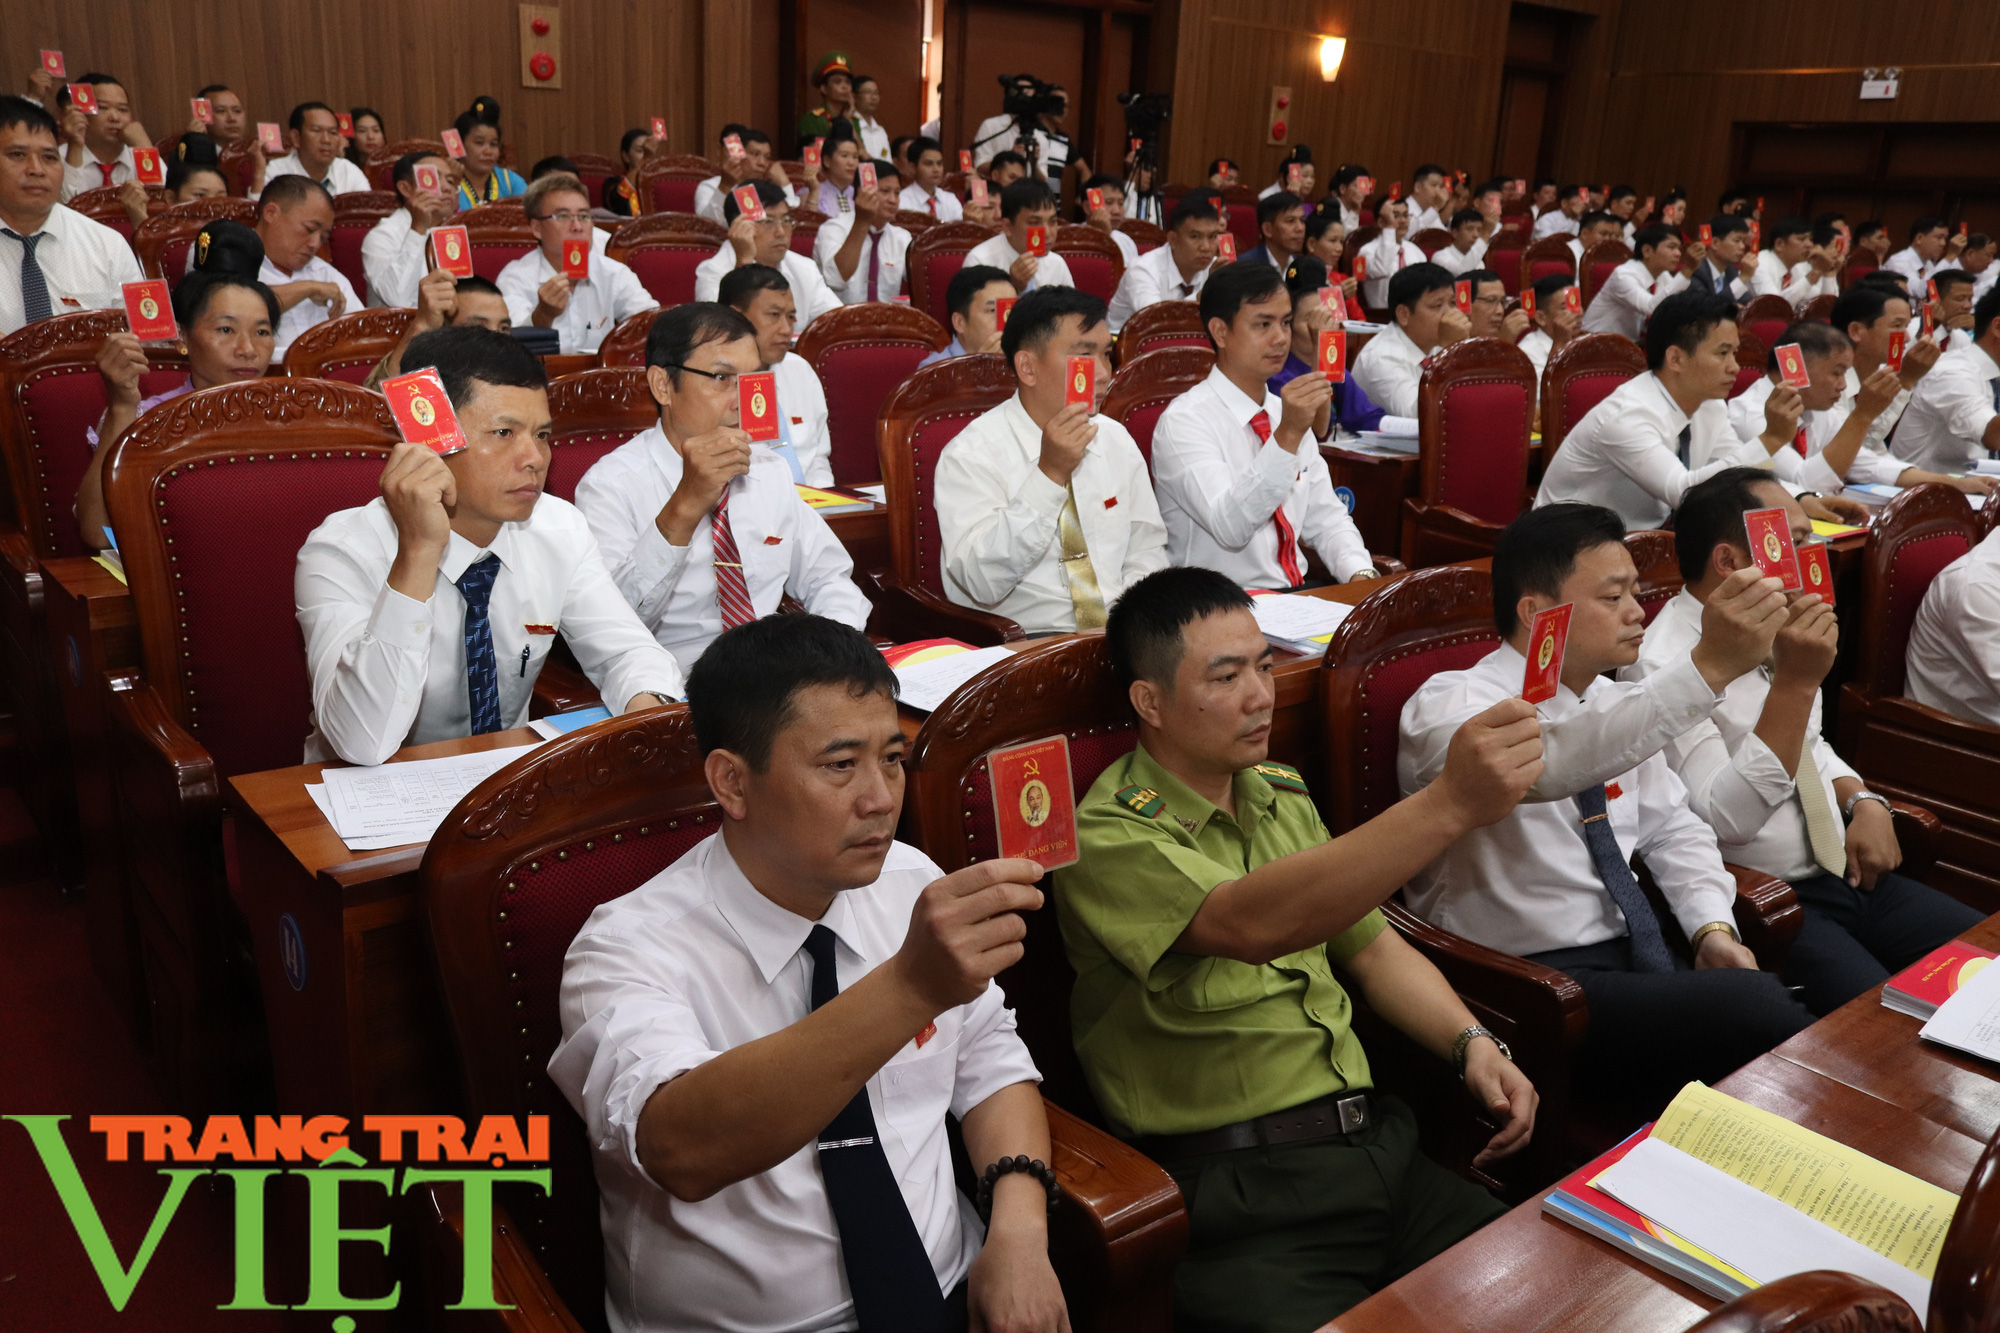 Ông Nguyễn Minh Tiến tái đắc cử Bí thư Huyện uỷ Thuận Châu - Ảnh 3.